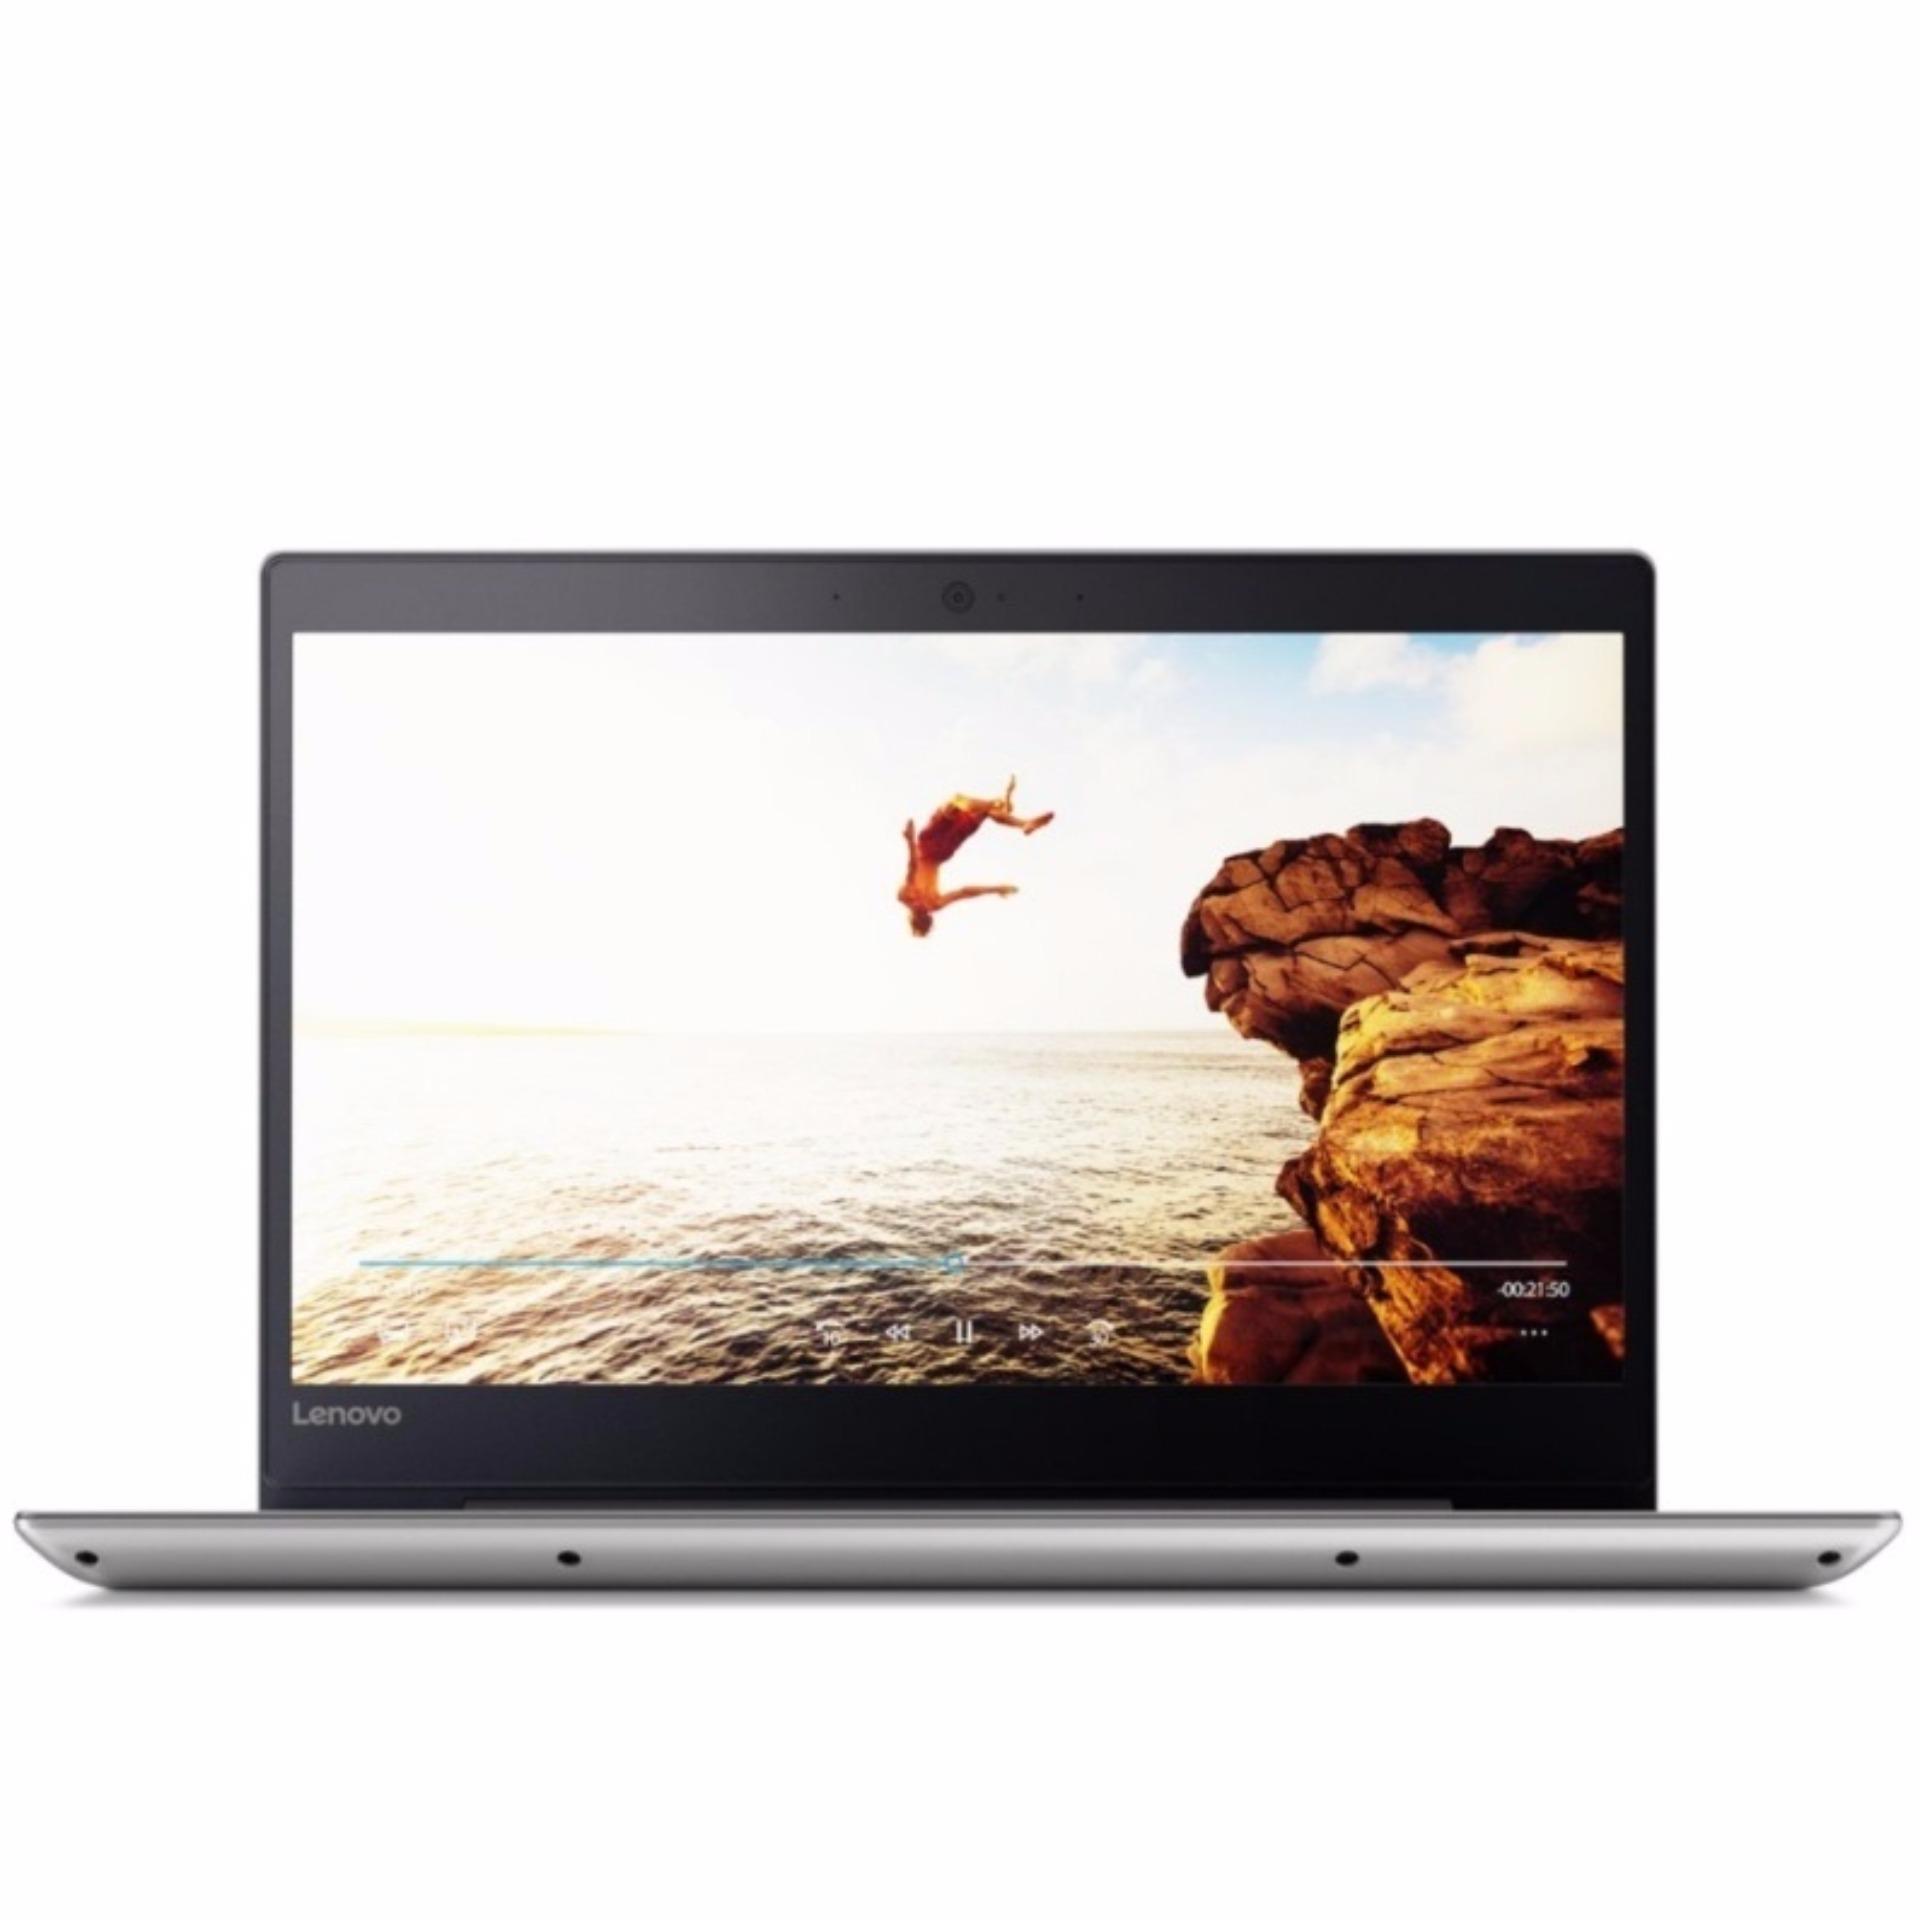 Lenovo IdeaPad 320S-13IKB 81AK000PSB INTEL® CORE™ i7-8550U QUAD CORE PROCESSOR Graphic: NVIDIA® GEFORCE® MX150 (2GB GDDR5) 8G DDR4 2400 ONBOARD 256G PCIE SSD Mineral Grey